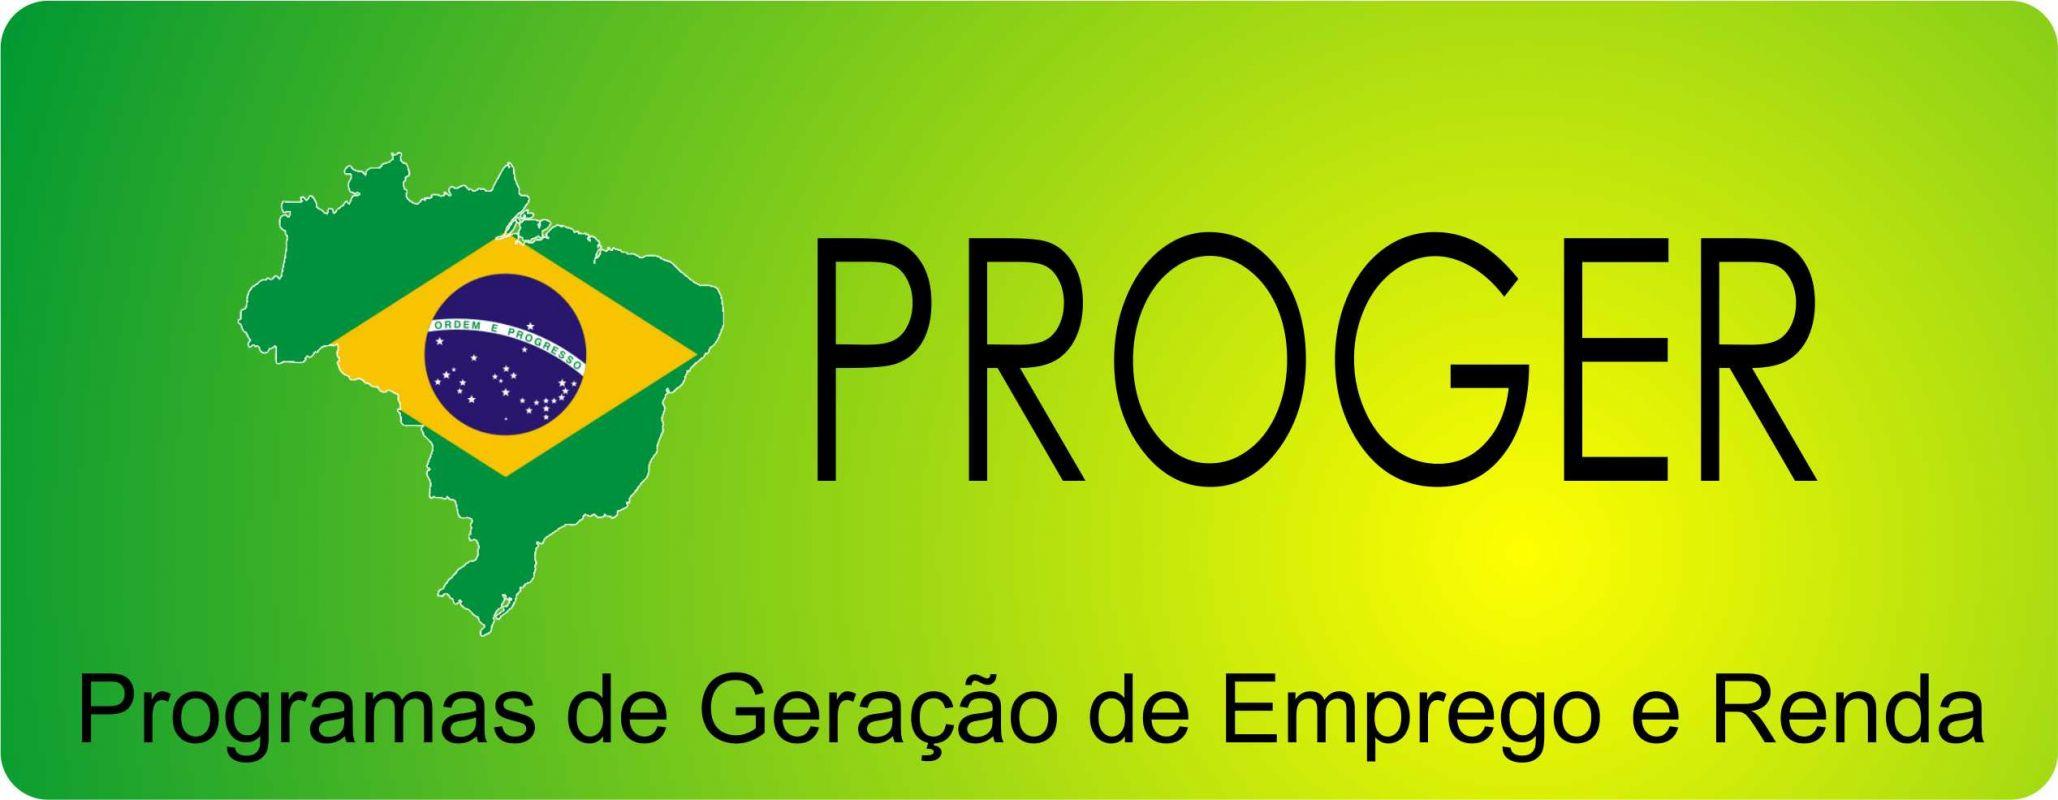 PROGER - Linhas de crédito para financiamento de máquinas e equipamentos usados e novos